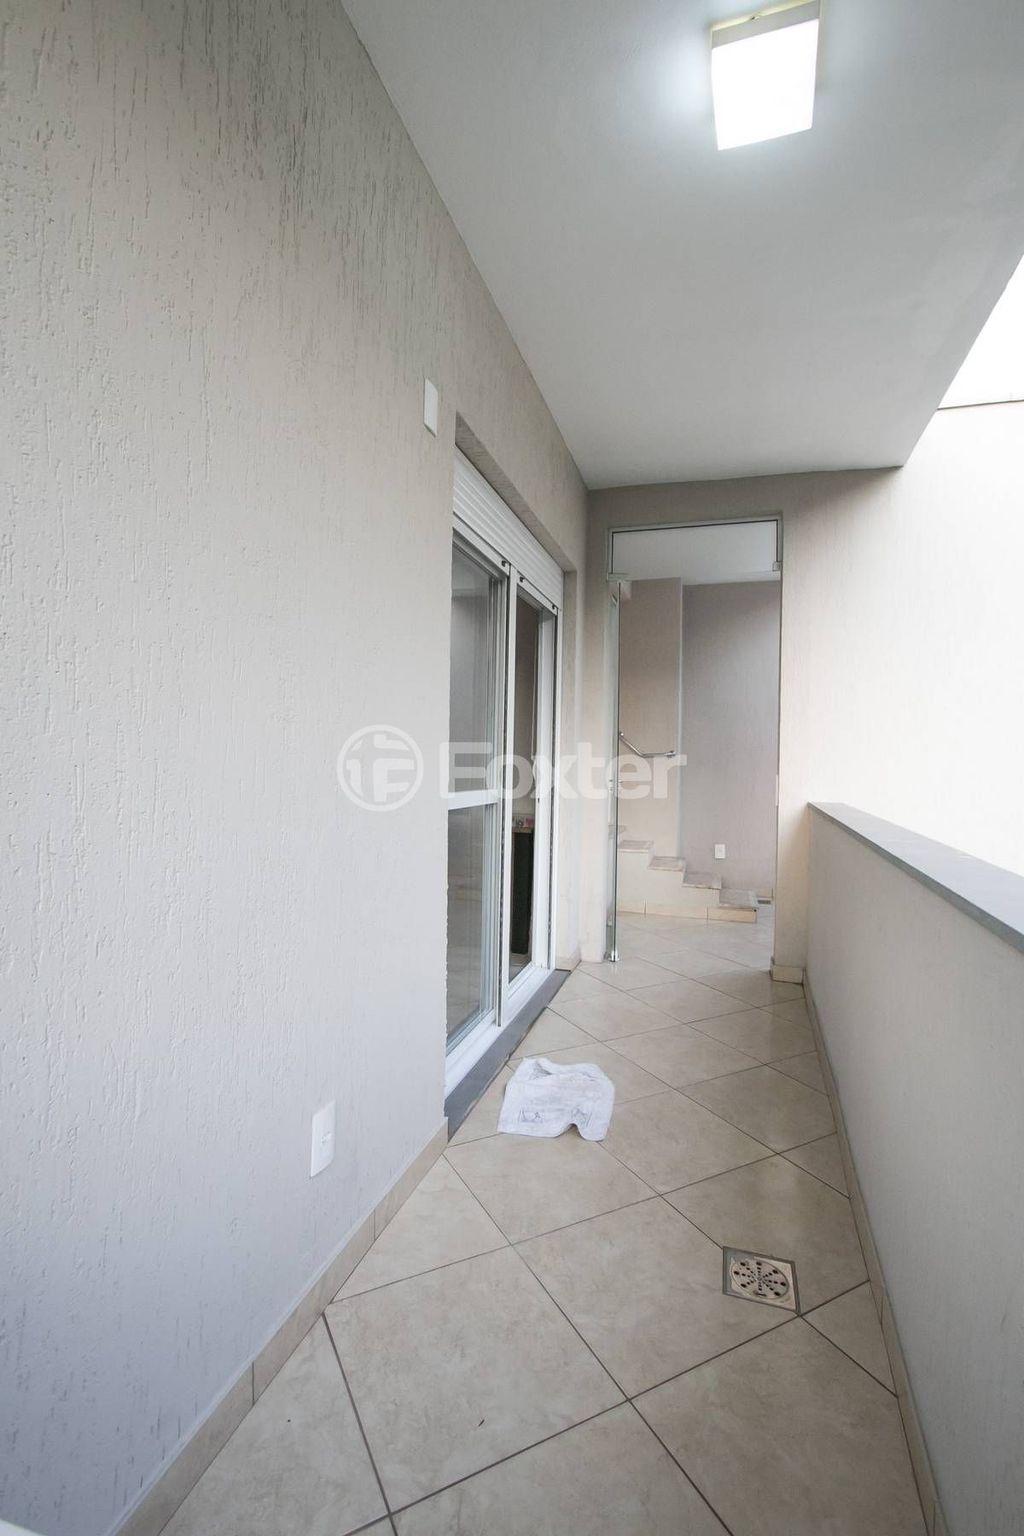 Casa 3 Dorm, Agronomia, Porto Alegre (108890) - Foto 33